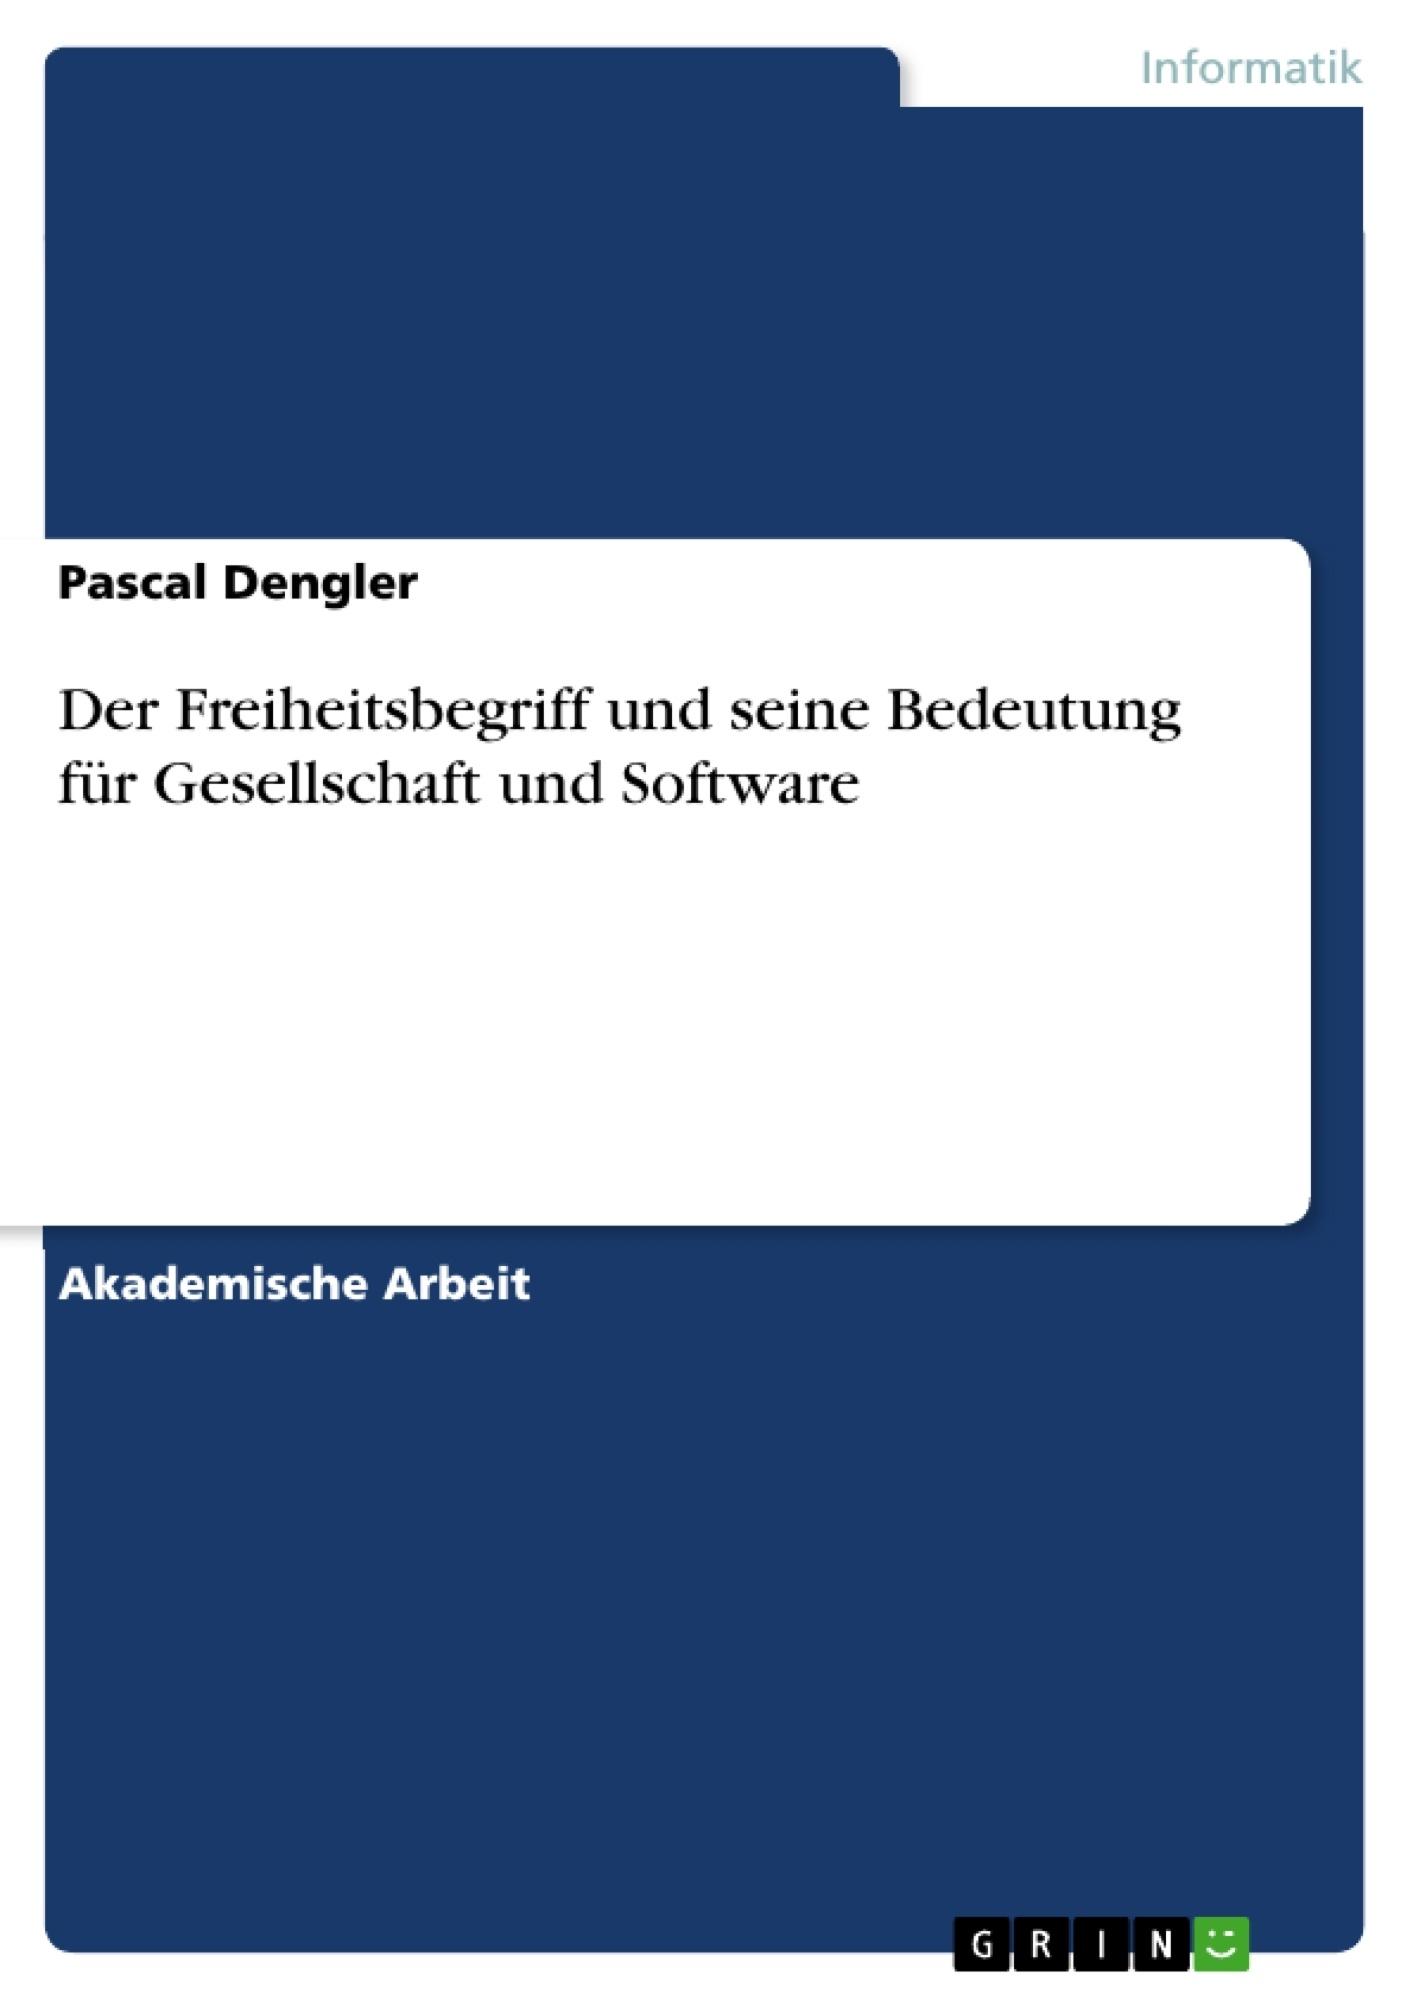 Titel: Der Freiheitsbegriff und seine Bedeutung für Gesellschaft und Software